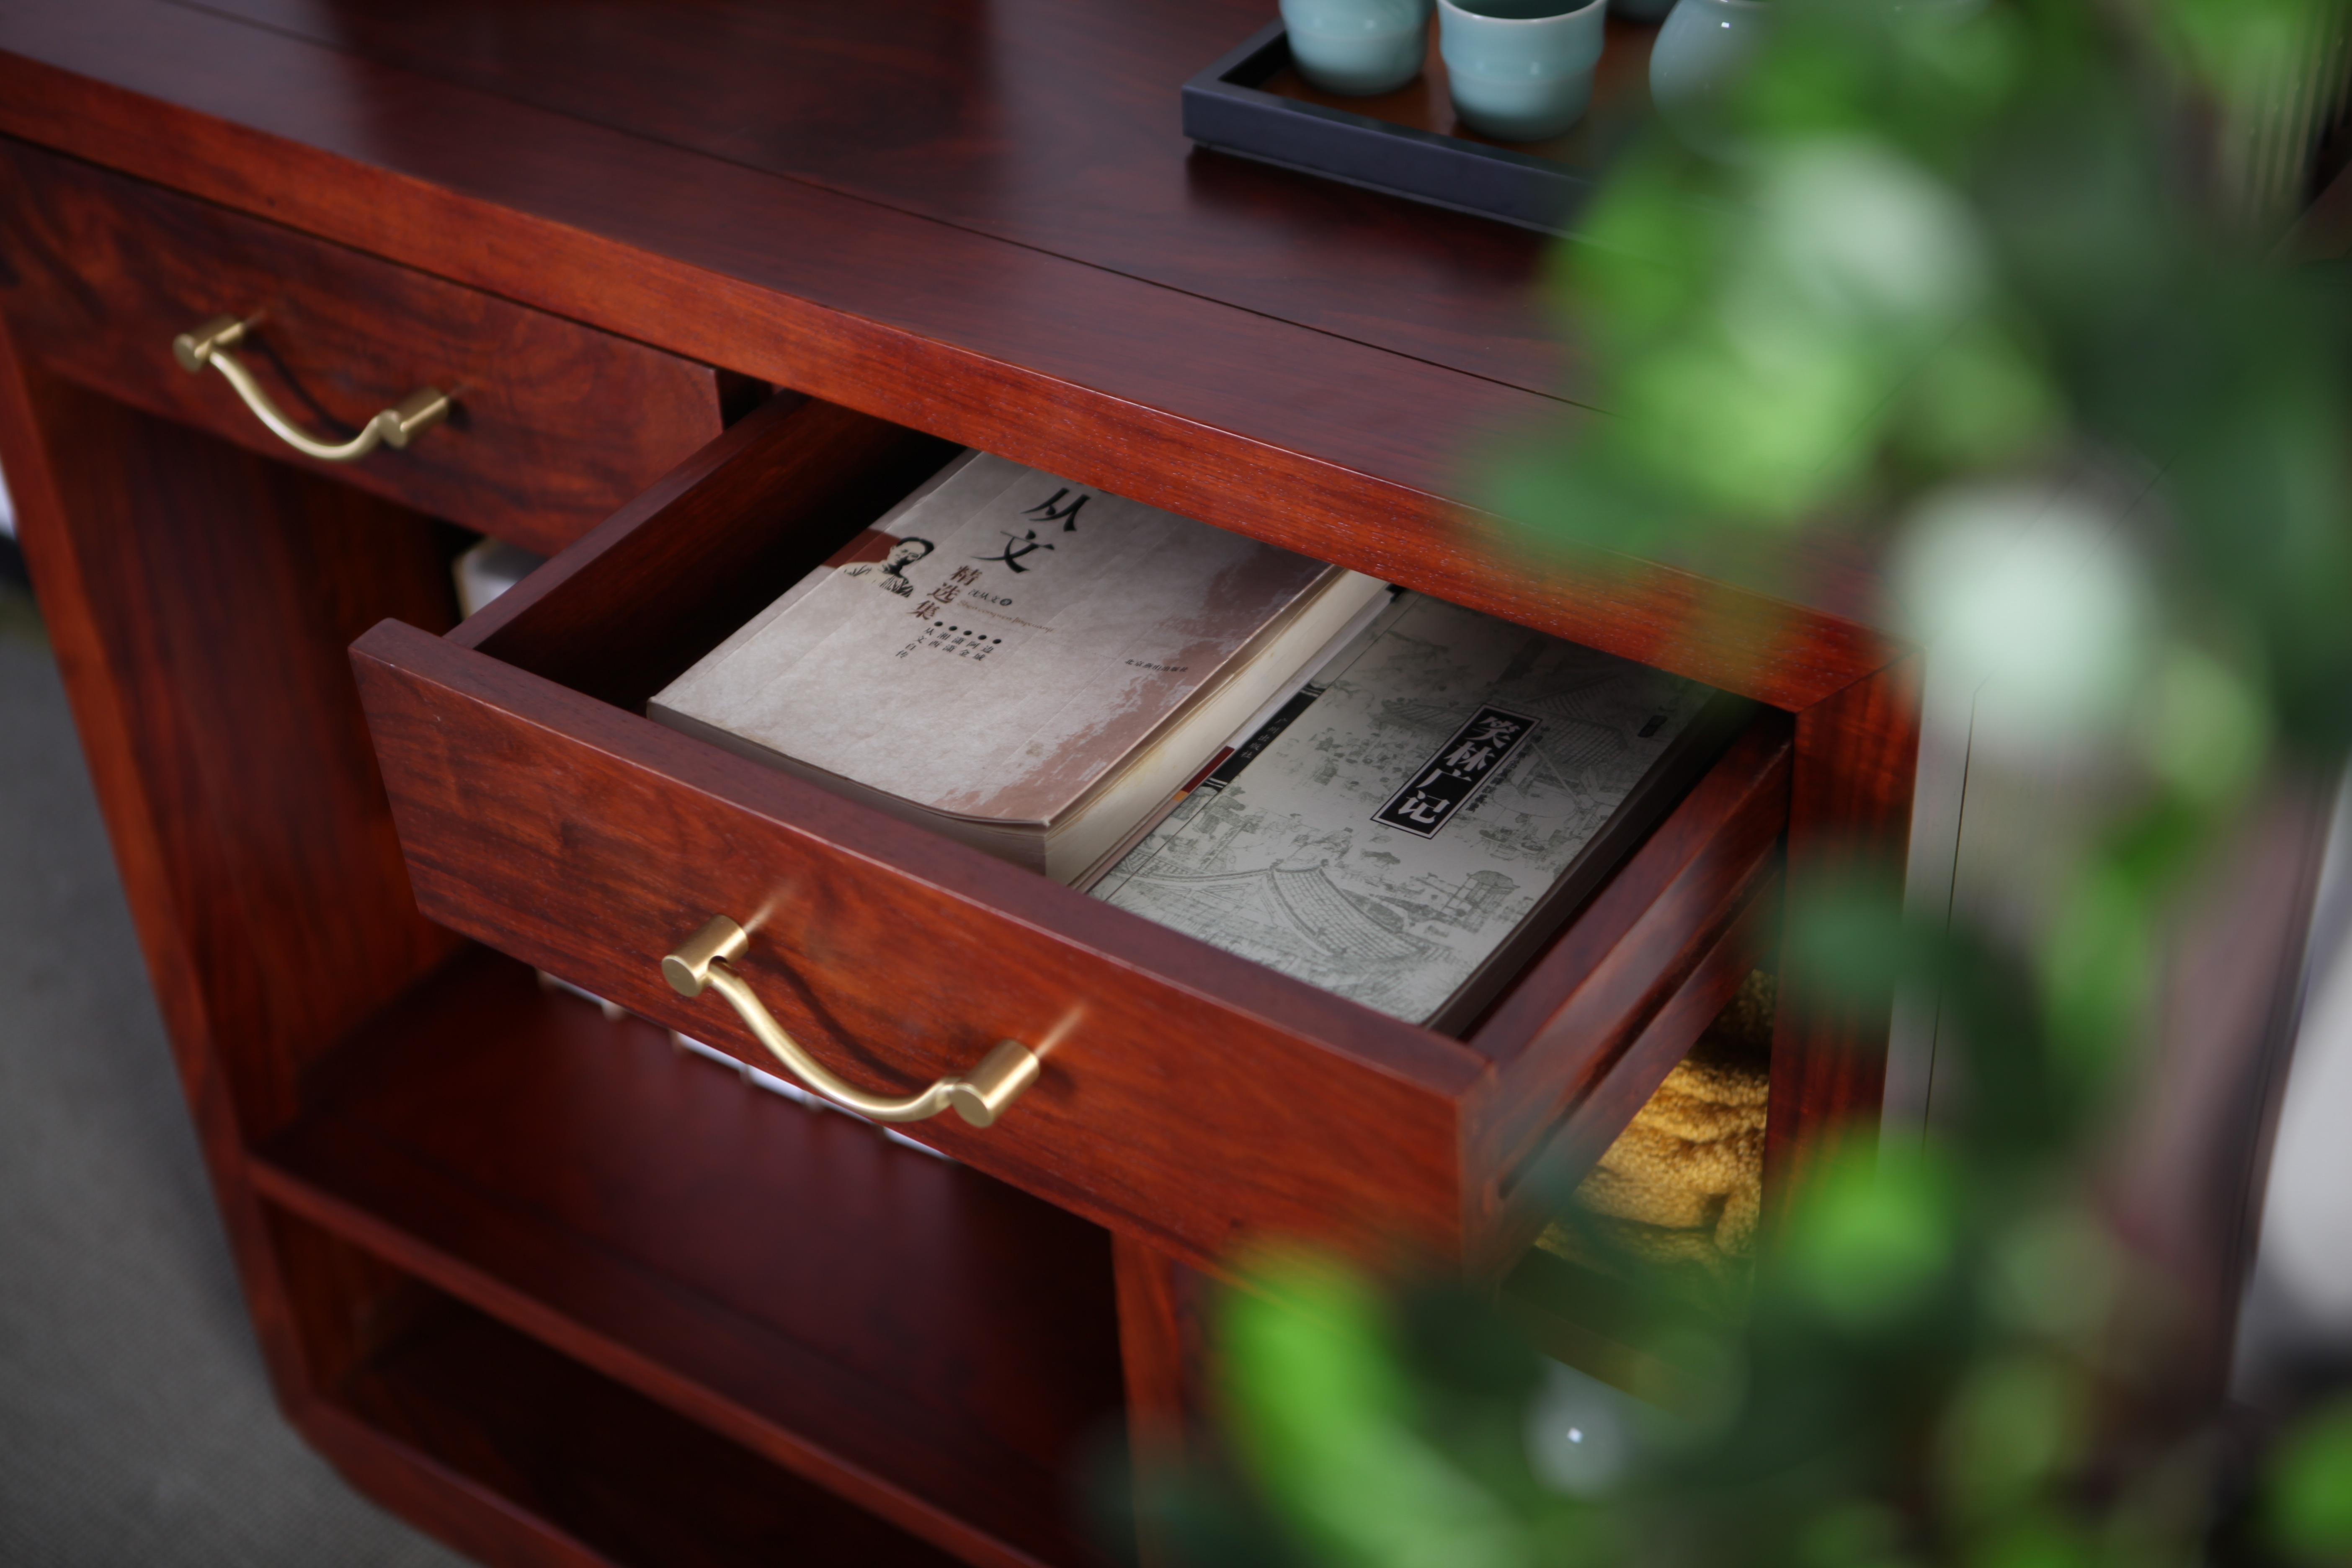 新中式|由内而外,打破传统弊端,回归简约的生活